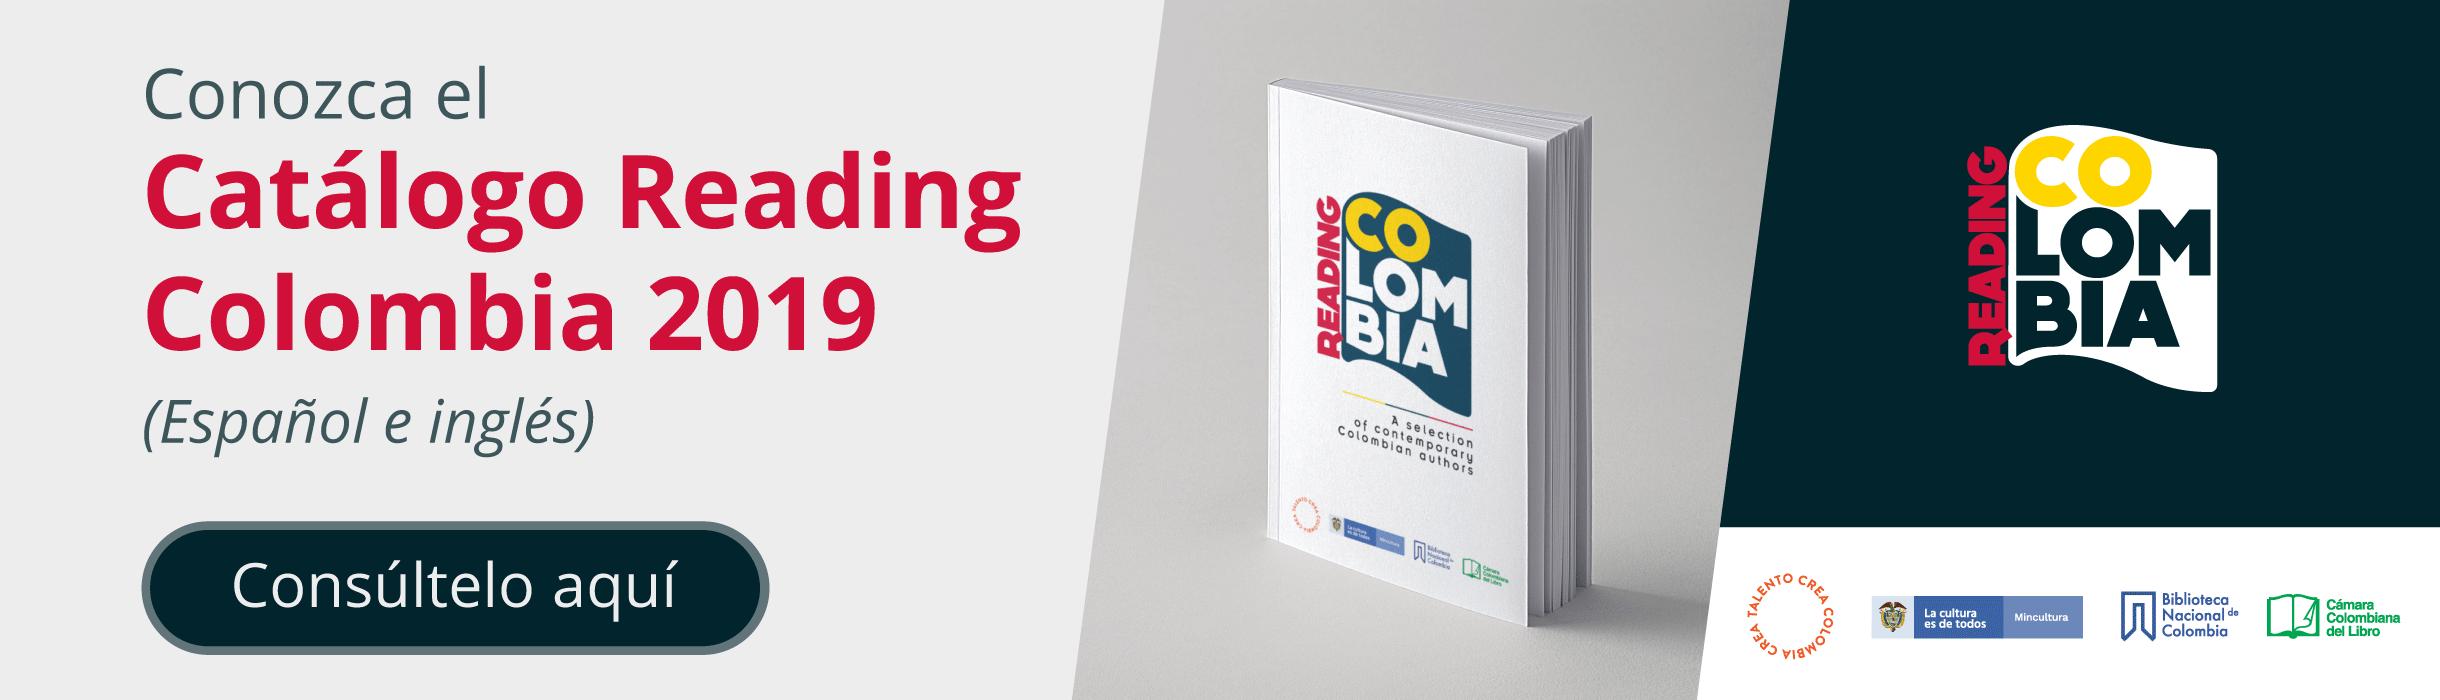 ReadingColombia2019_Catalogo_Banner_ESP-2